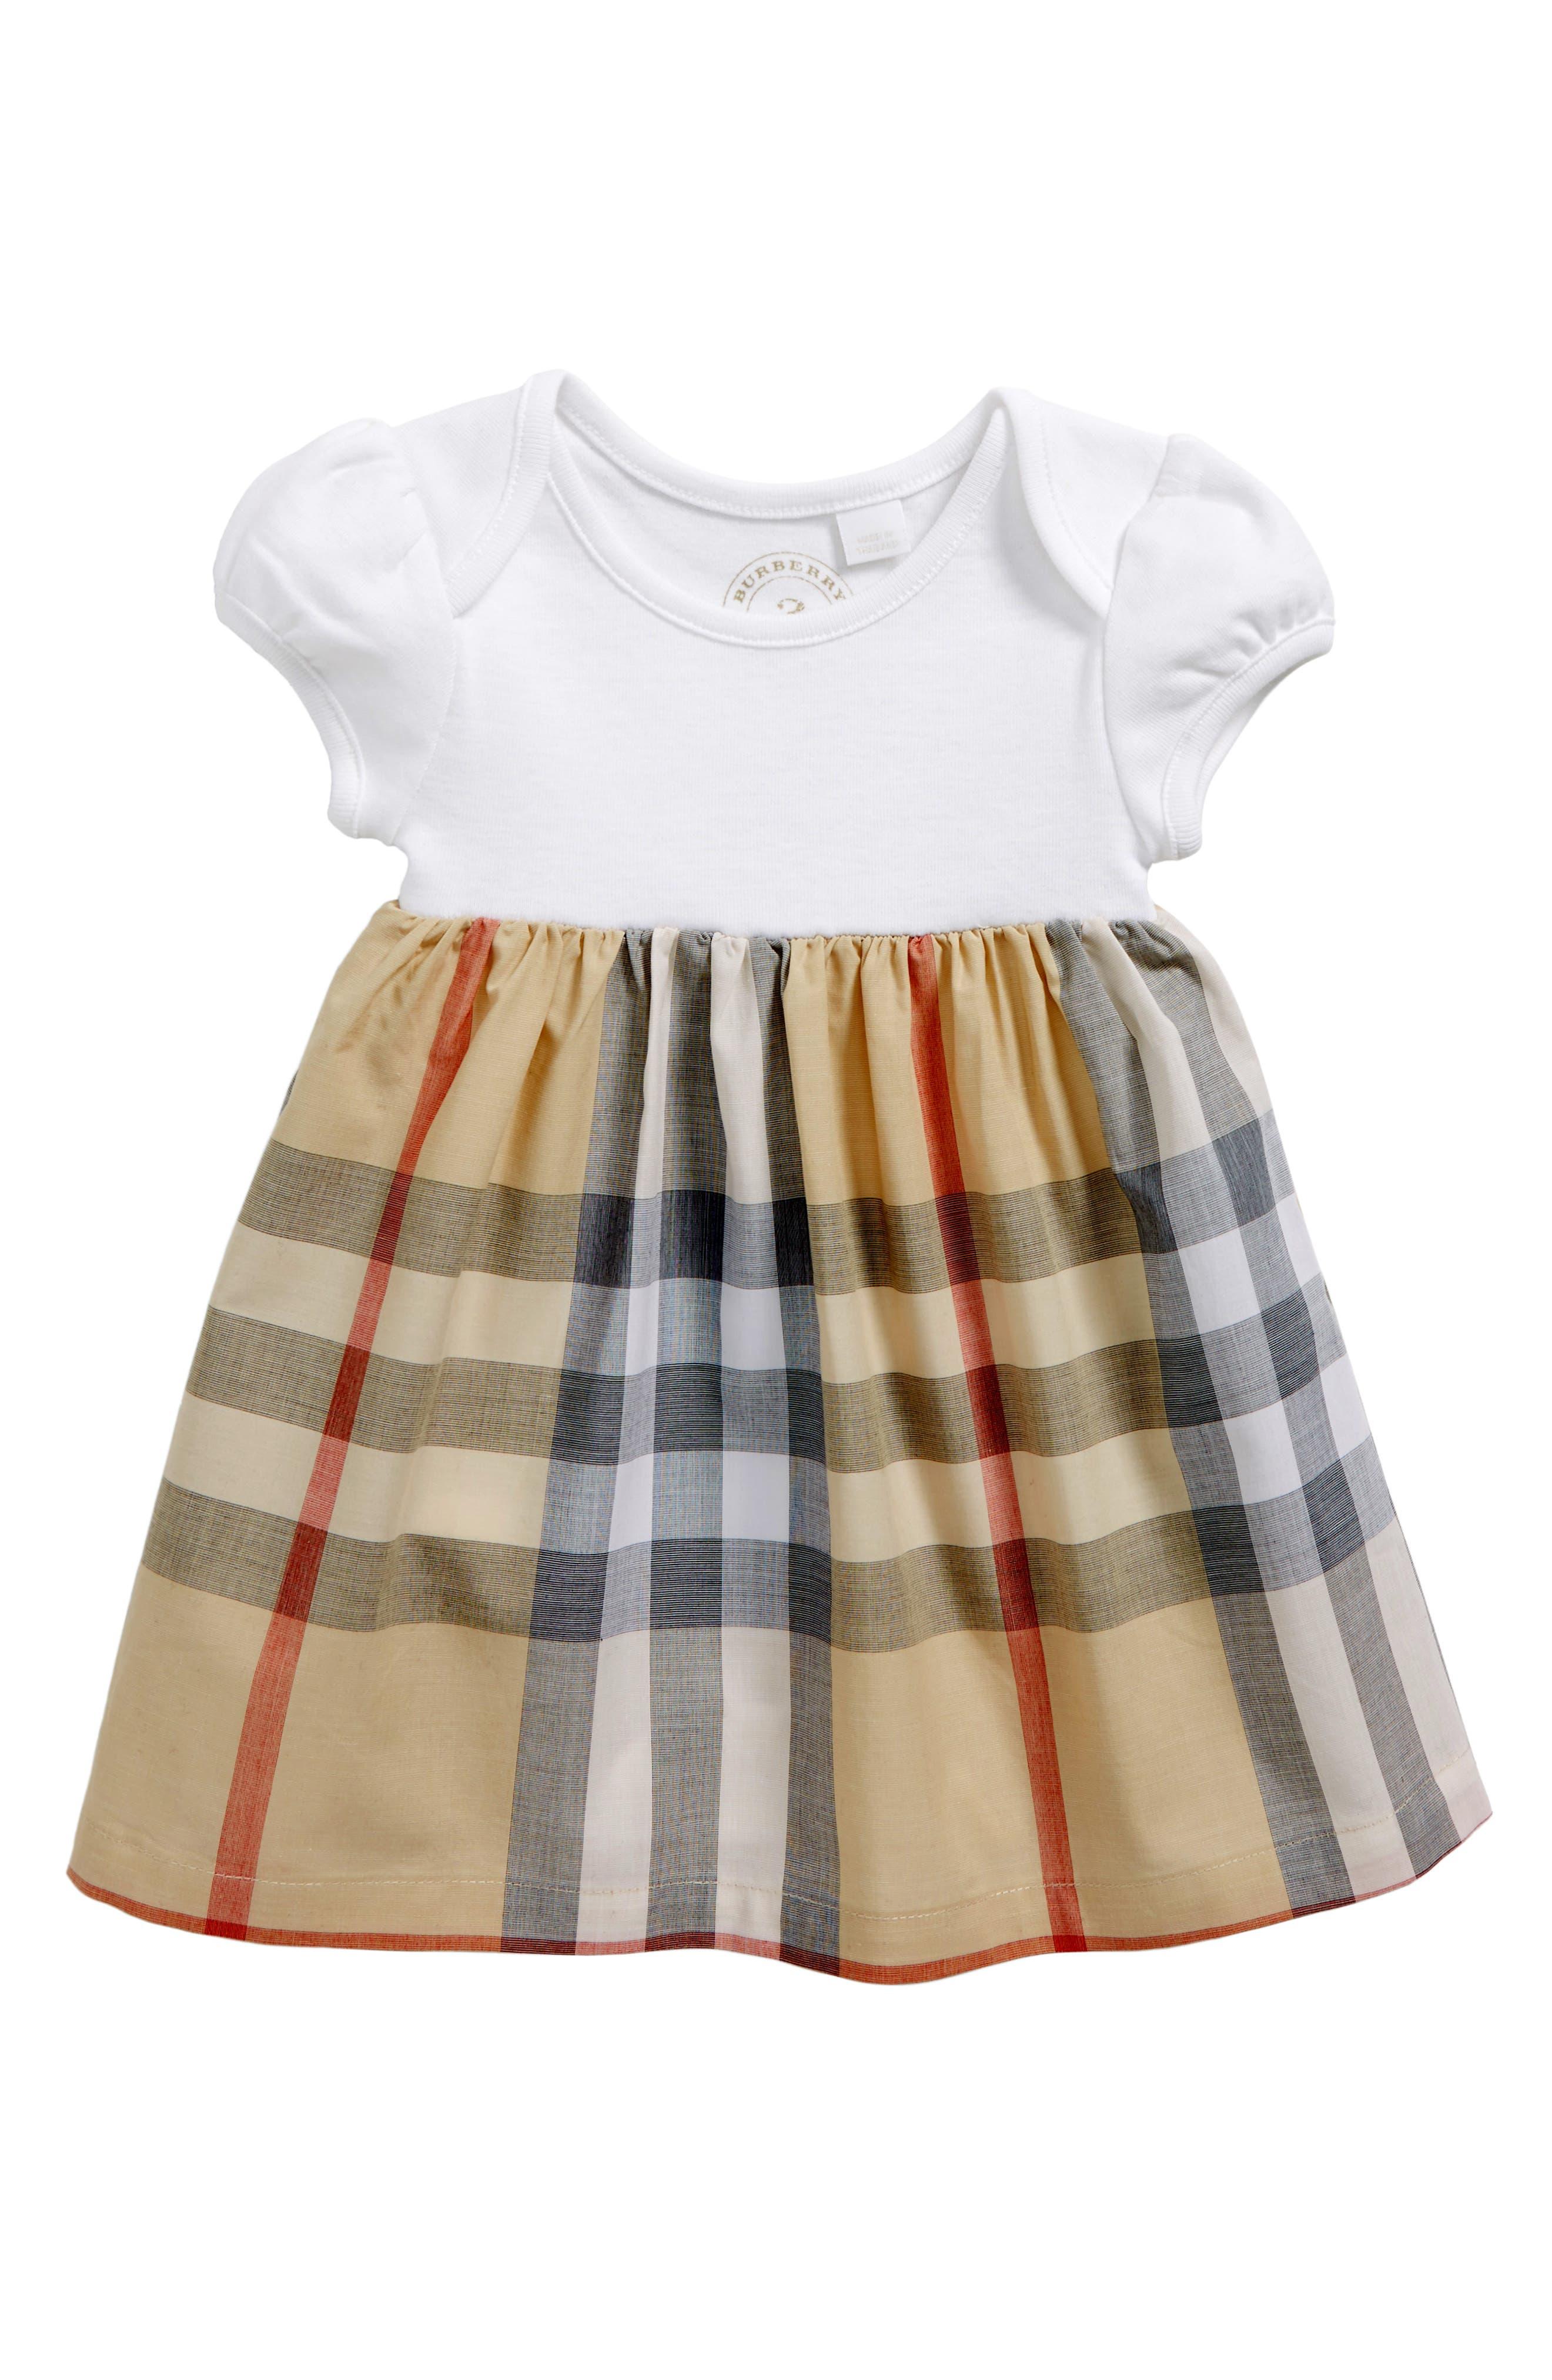 Burberry Cherrylina Check Dress (Baby Girls)